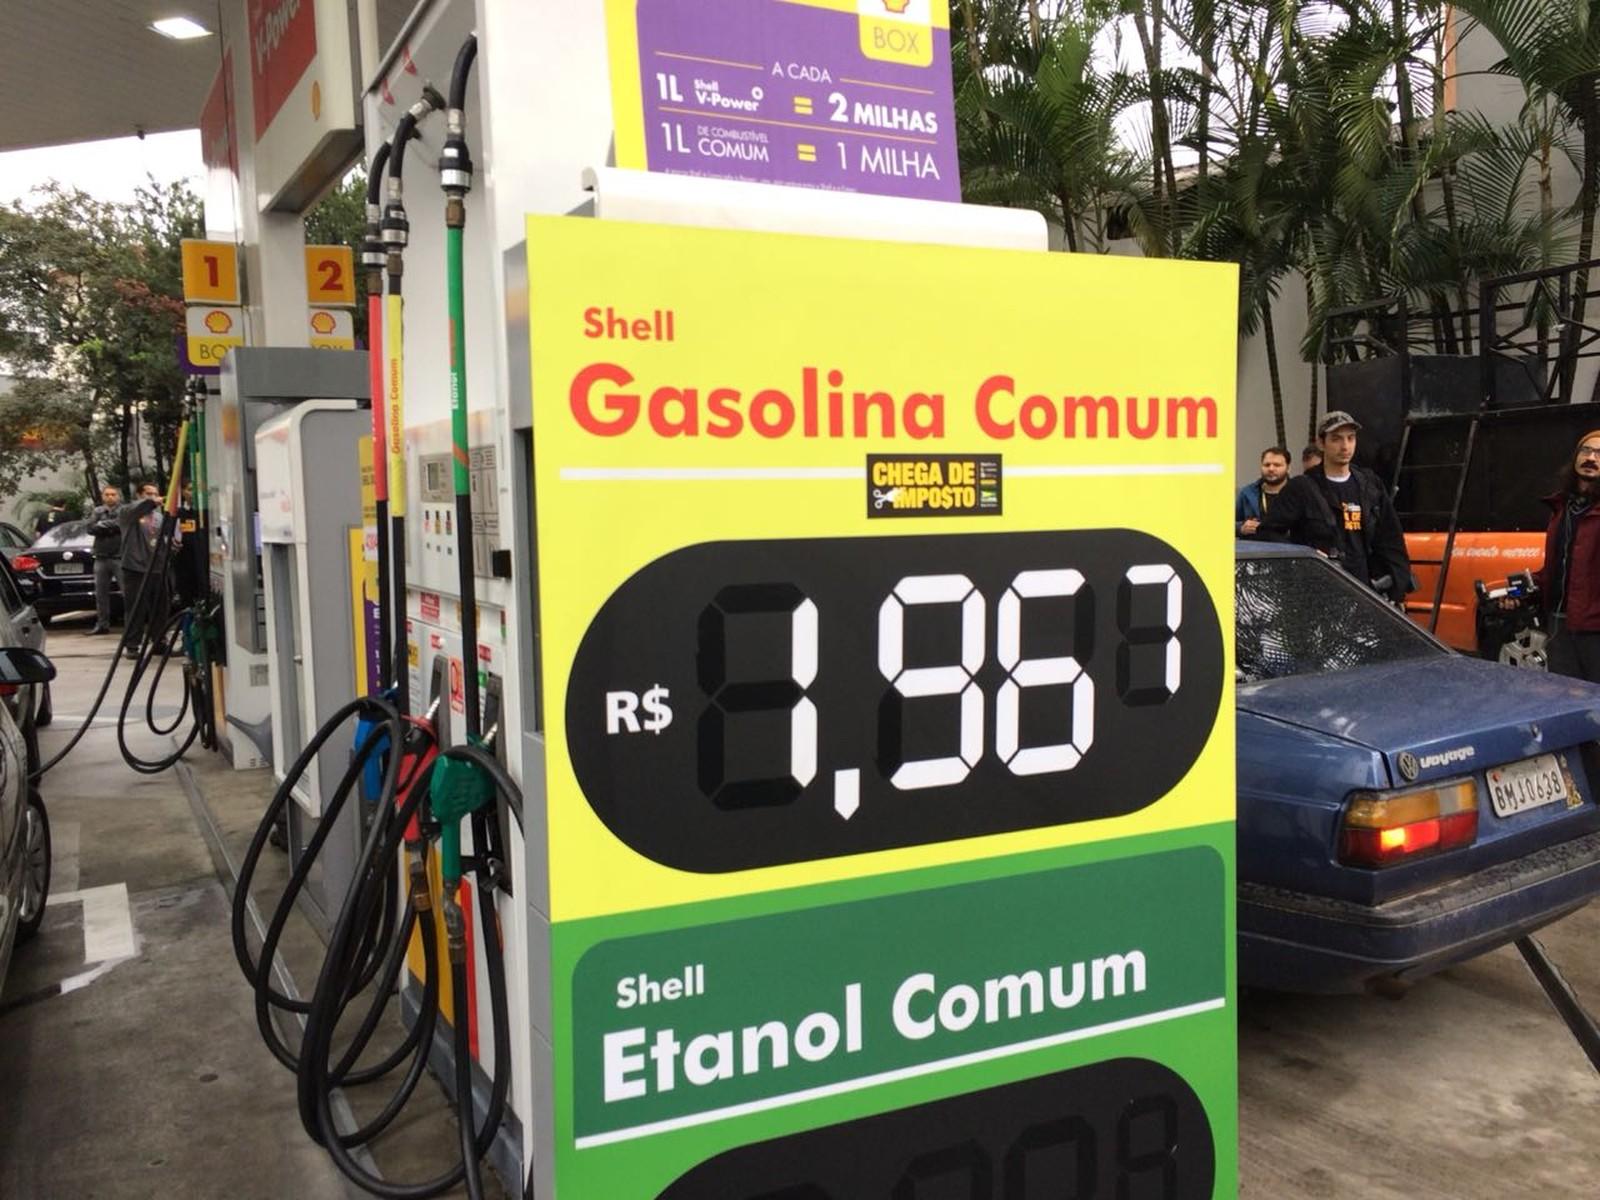 Posto vende gasolina pela metade do preço em protesto contra impostos